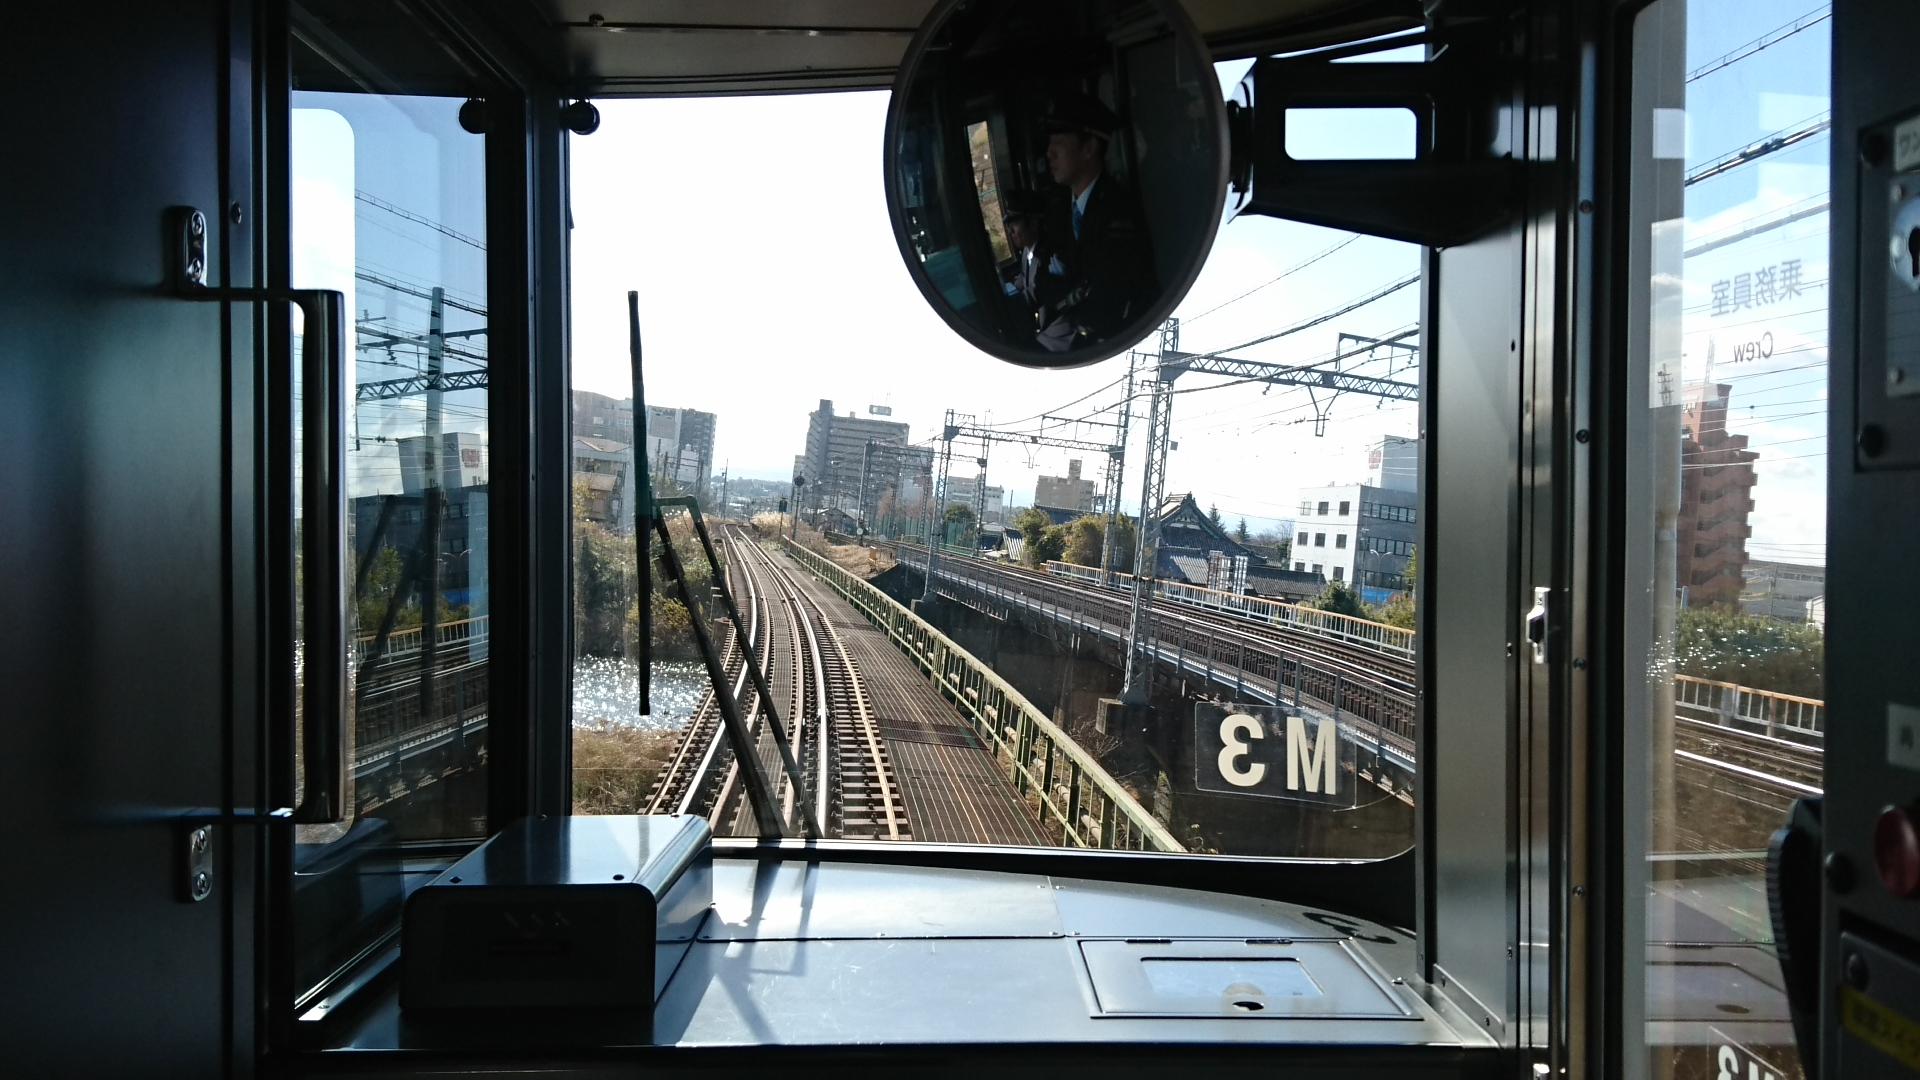 2017.12.12 松阪 (10) 鳥羽いきふつう - 安濃川(あのうがわ) 1920-1080